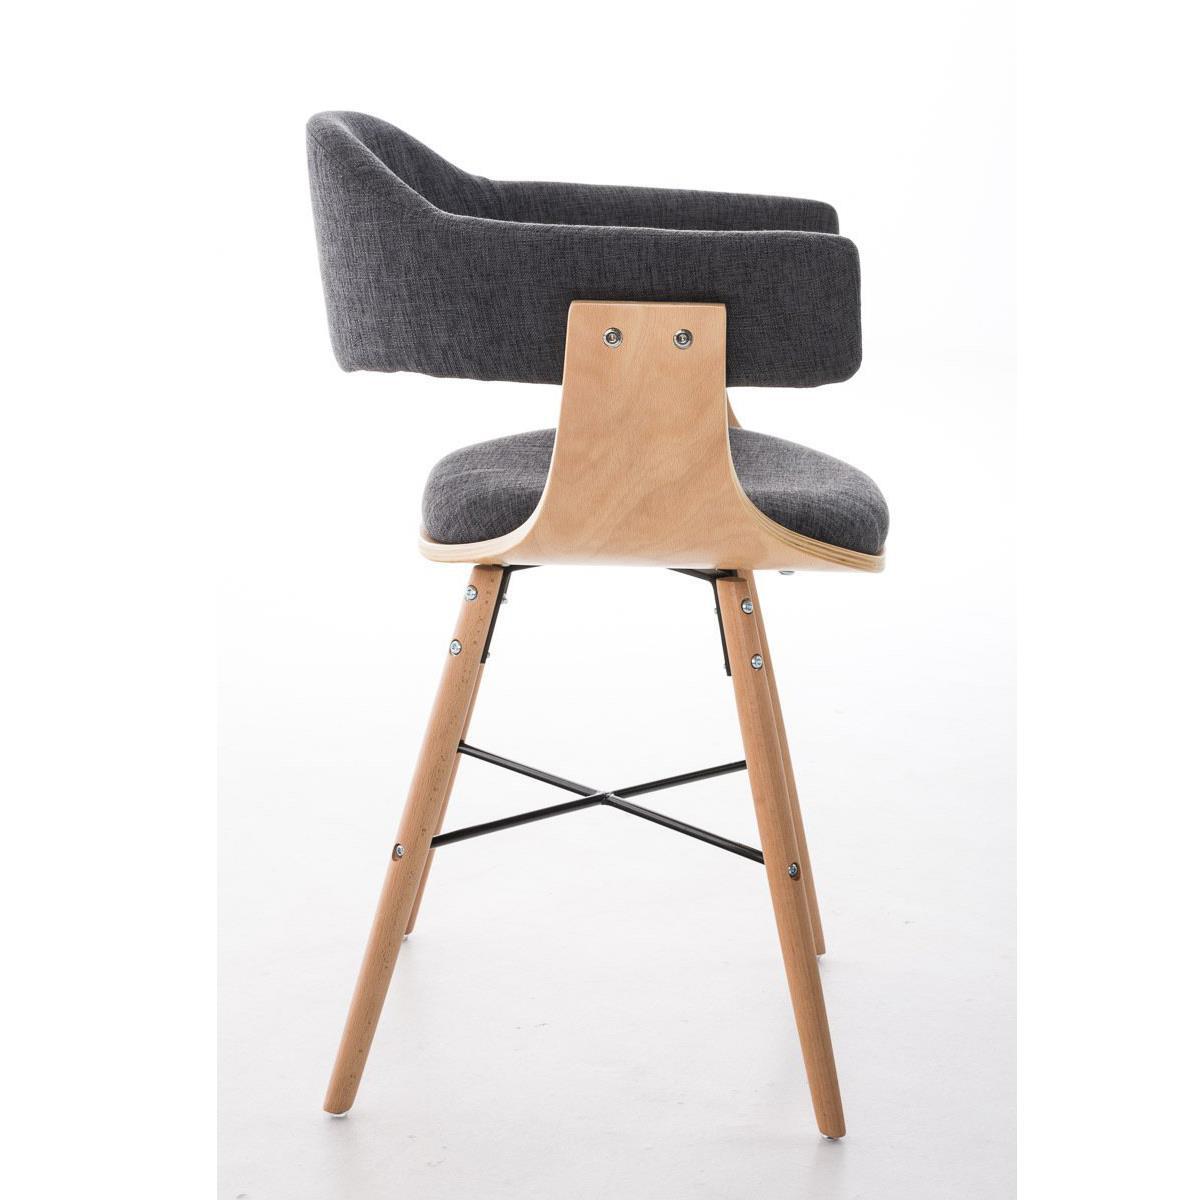 Silla de comedor albatros en tela color gris claro y - Tela para sillas de comedor ...